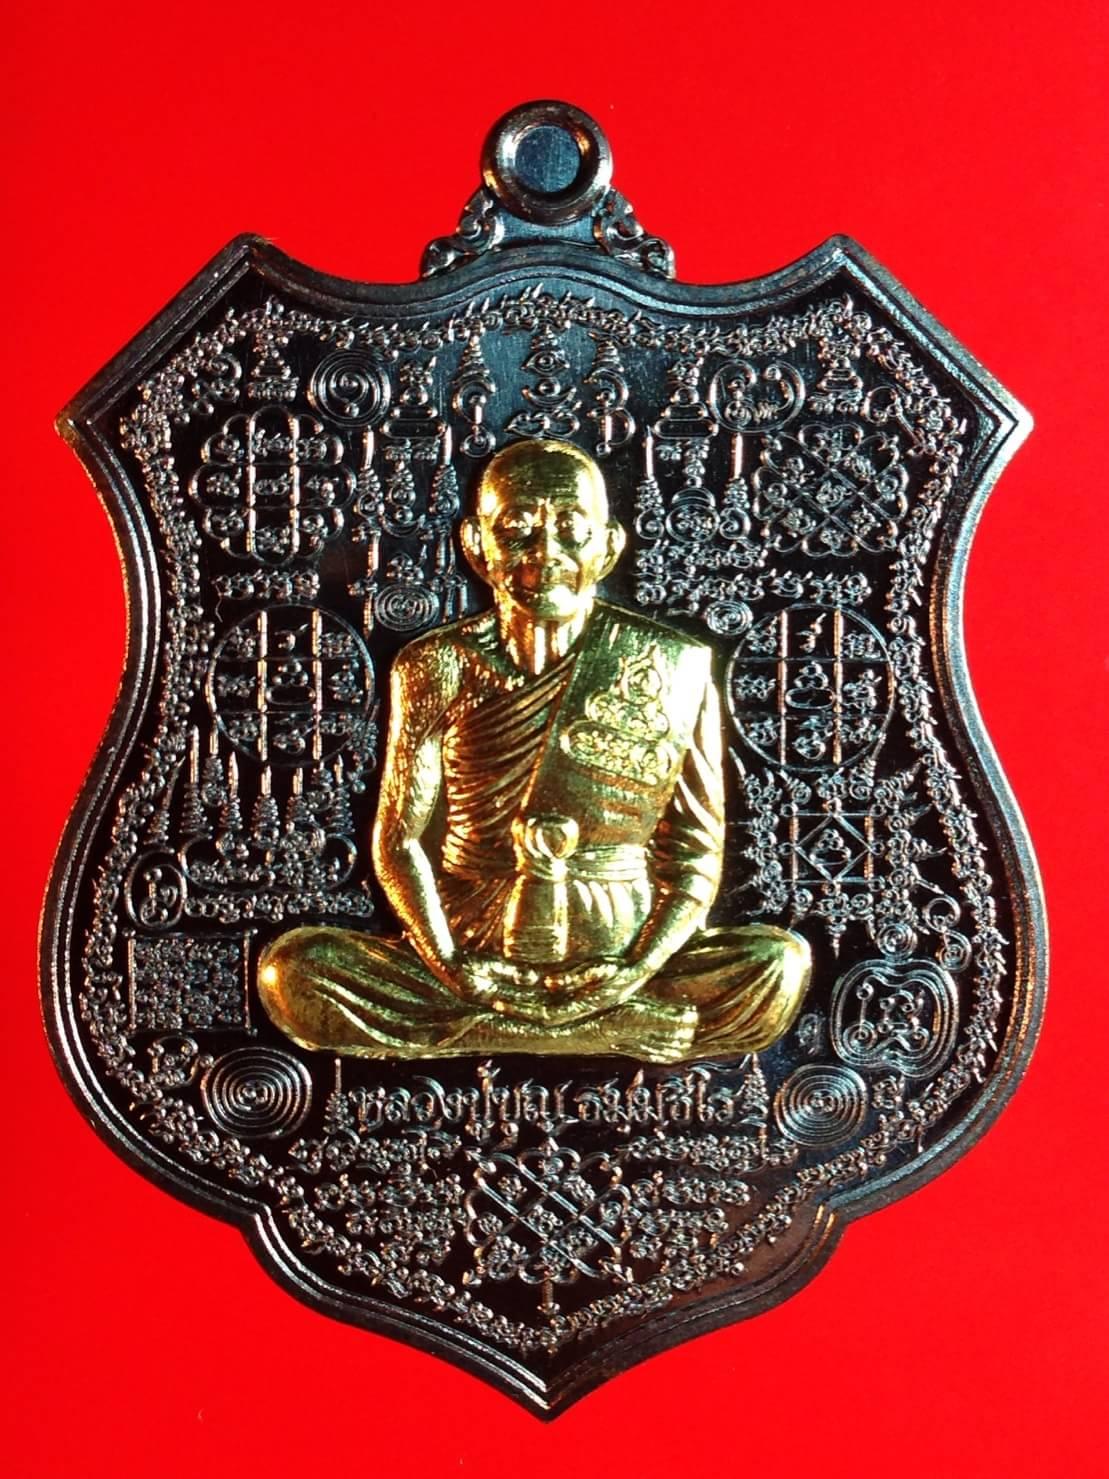 เหรียญมหาปราบ 2 เหนือดวง หนุนดวง เนื้อทองแดงรมมันปูหน้ากากทองทิพย์ หลวงปู่บุญ วัดบ้านหมากหมี่